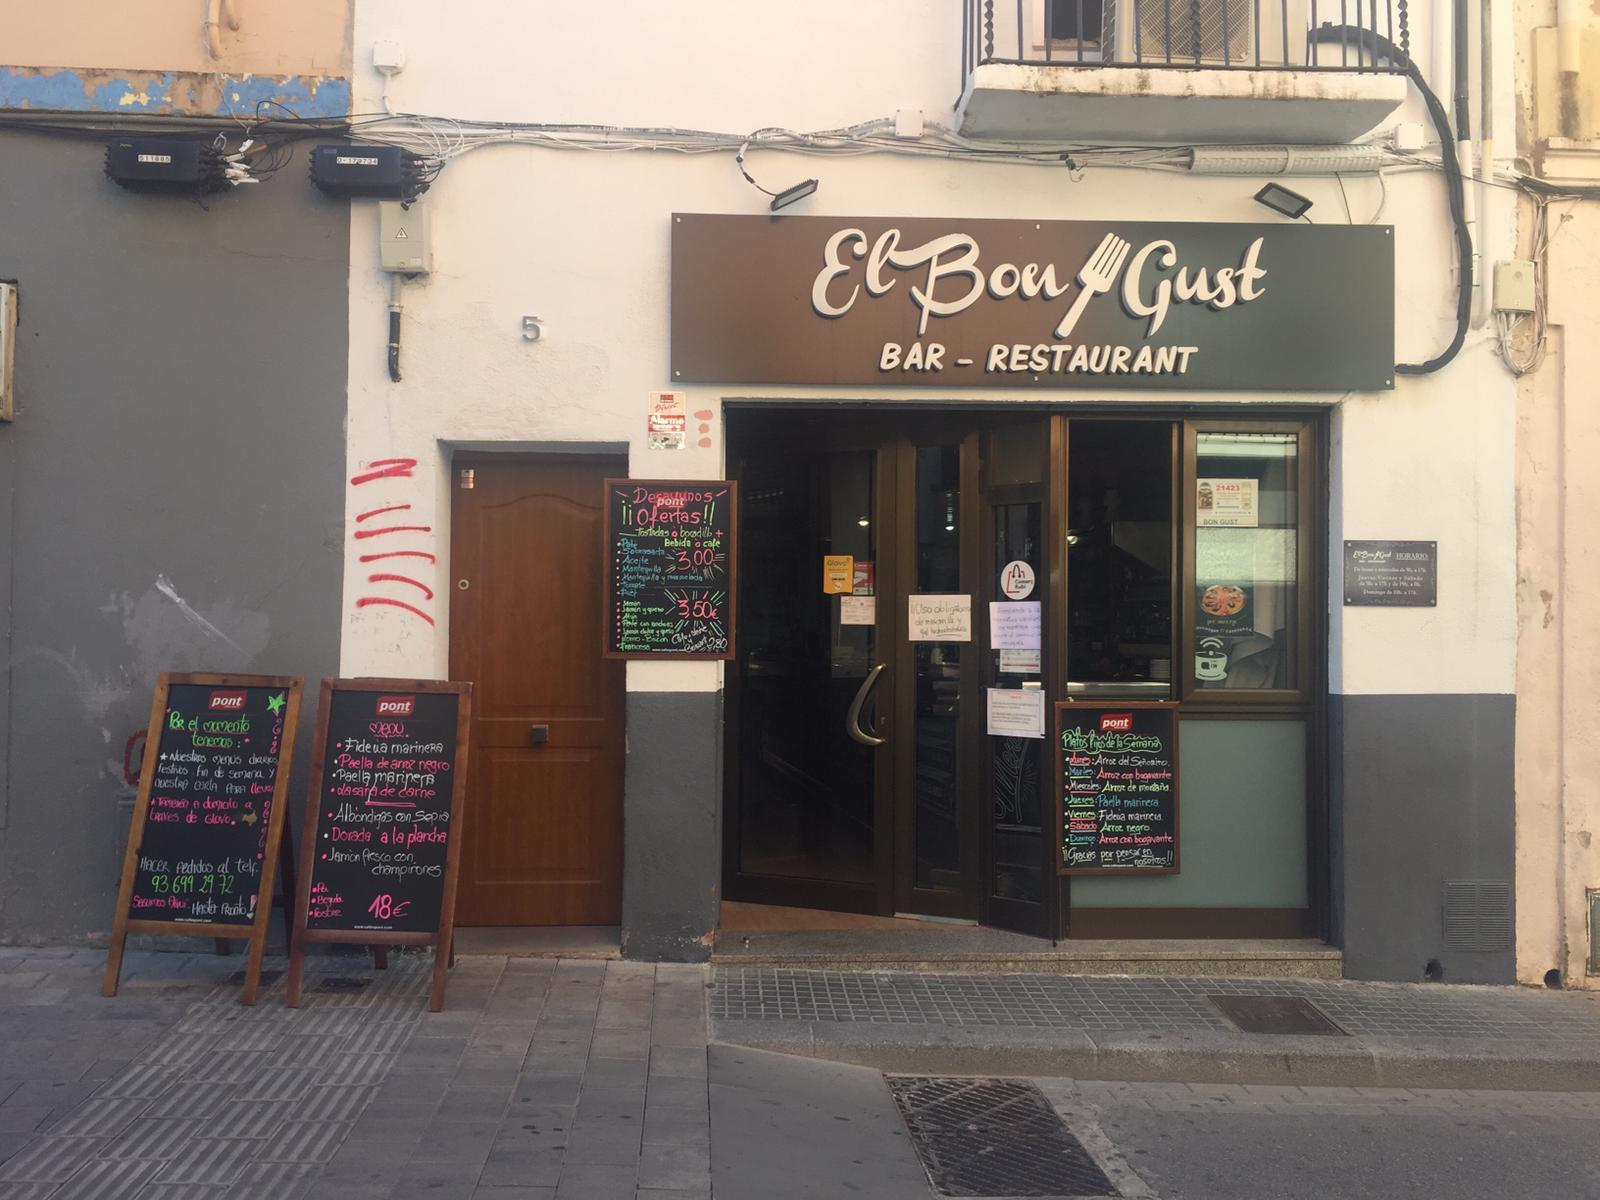 Bars i restaurants tancats després de l'aprovació de les noves restriccions. FOTO: Andrea Martínez